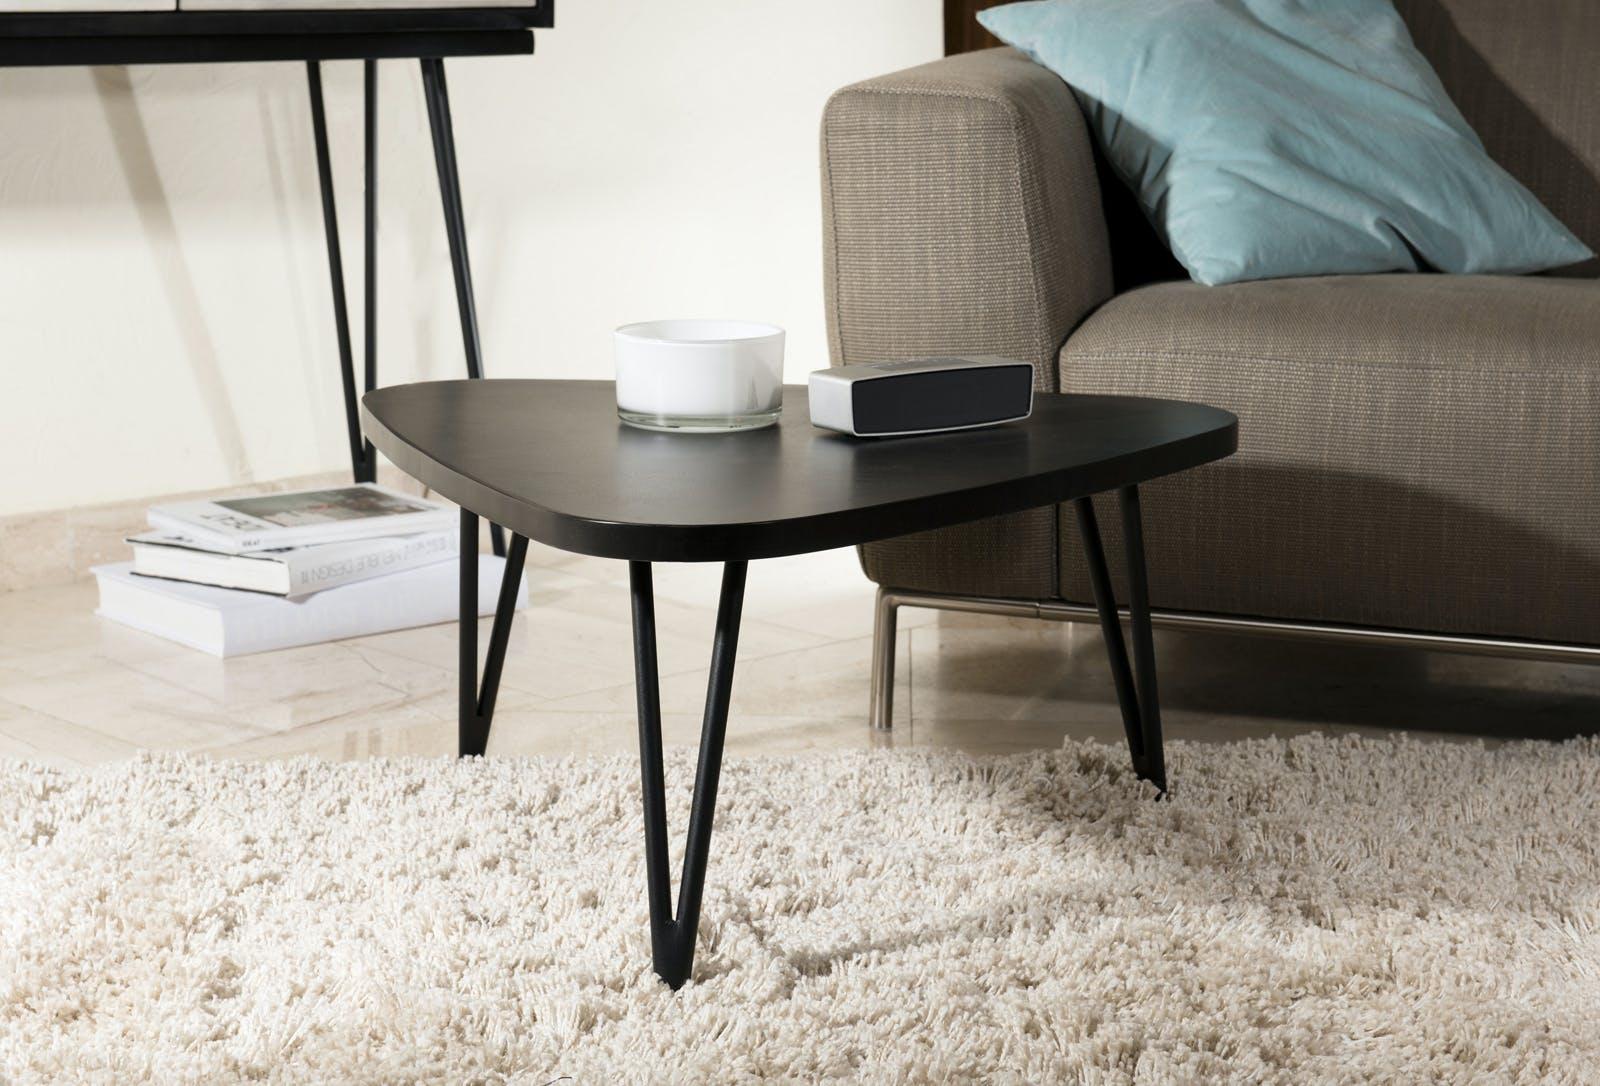 """Table basse """"goutte d'eau"""" en Acacia massif noir et pieds métal noir 73x68x36cm CADIX"""